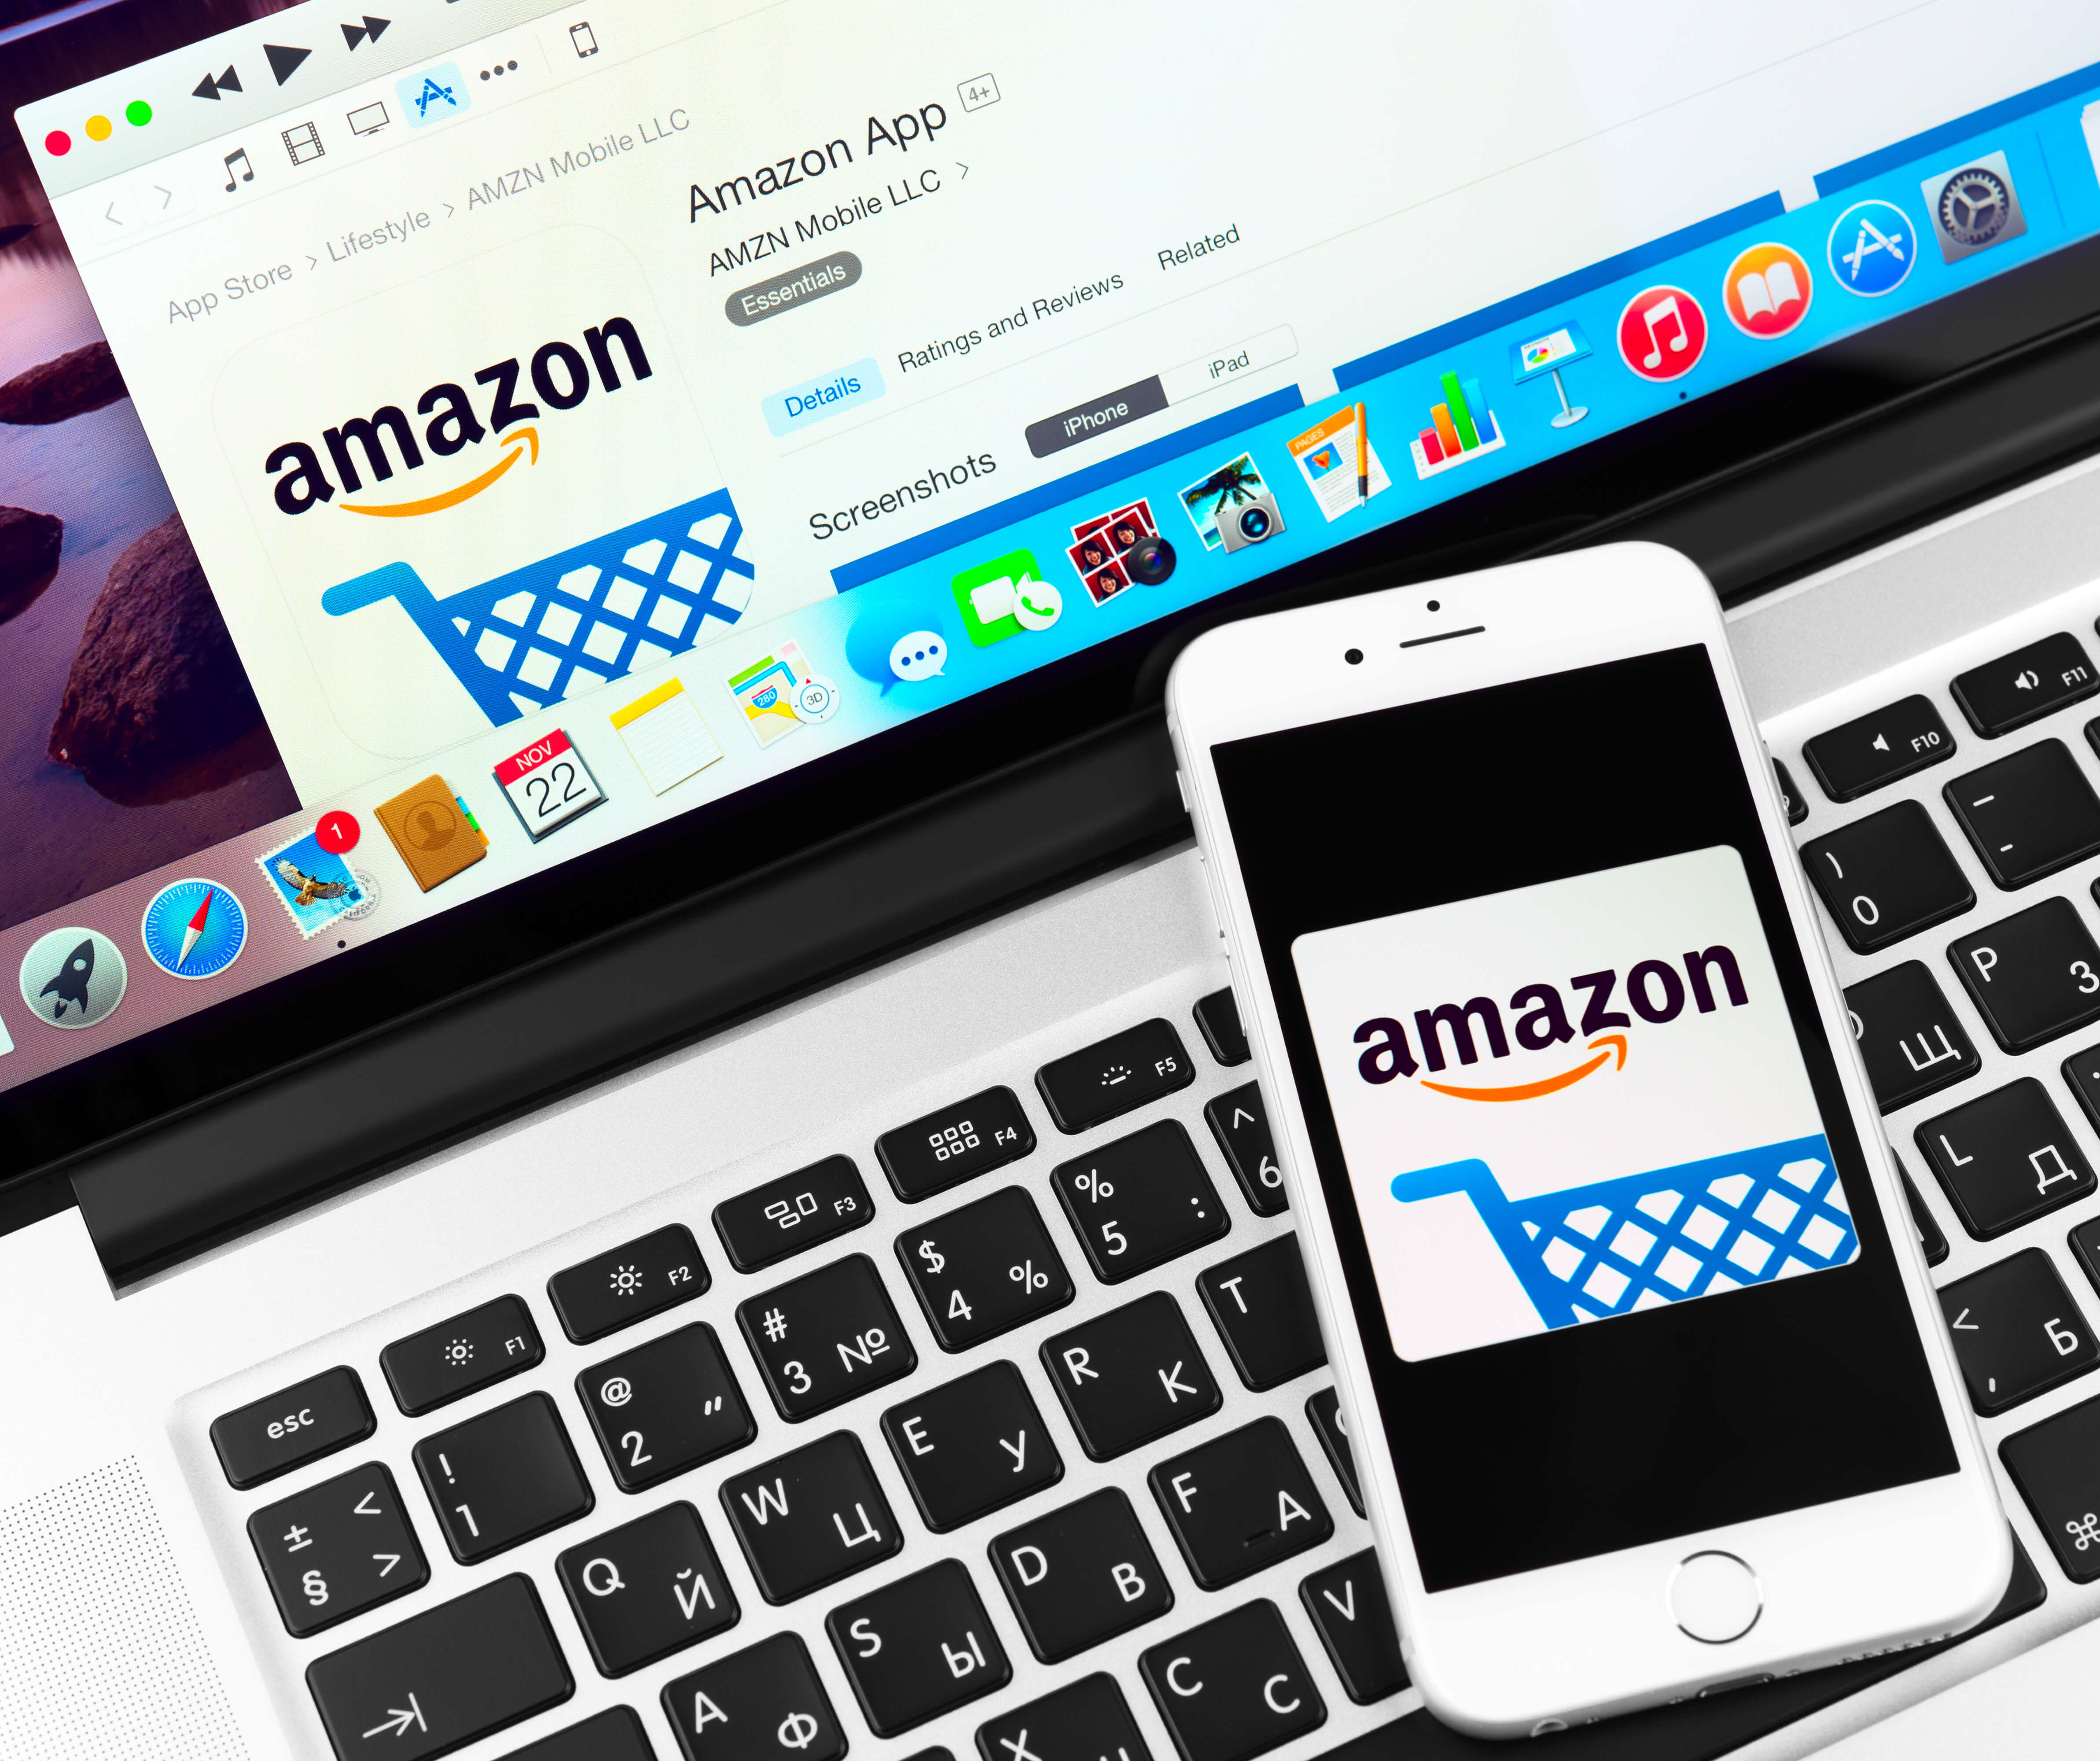 mindestanzahl freheiten always on Amazon amazons shopping kommt Darstellung Handy und Desktop